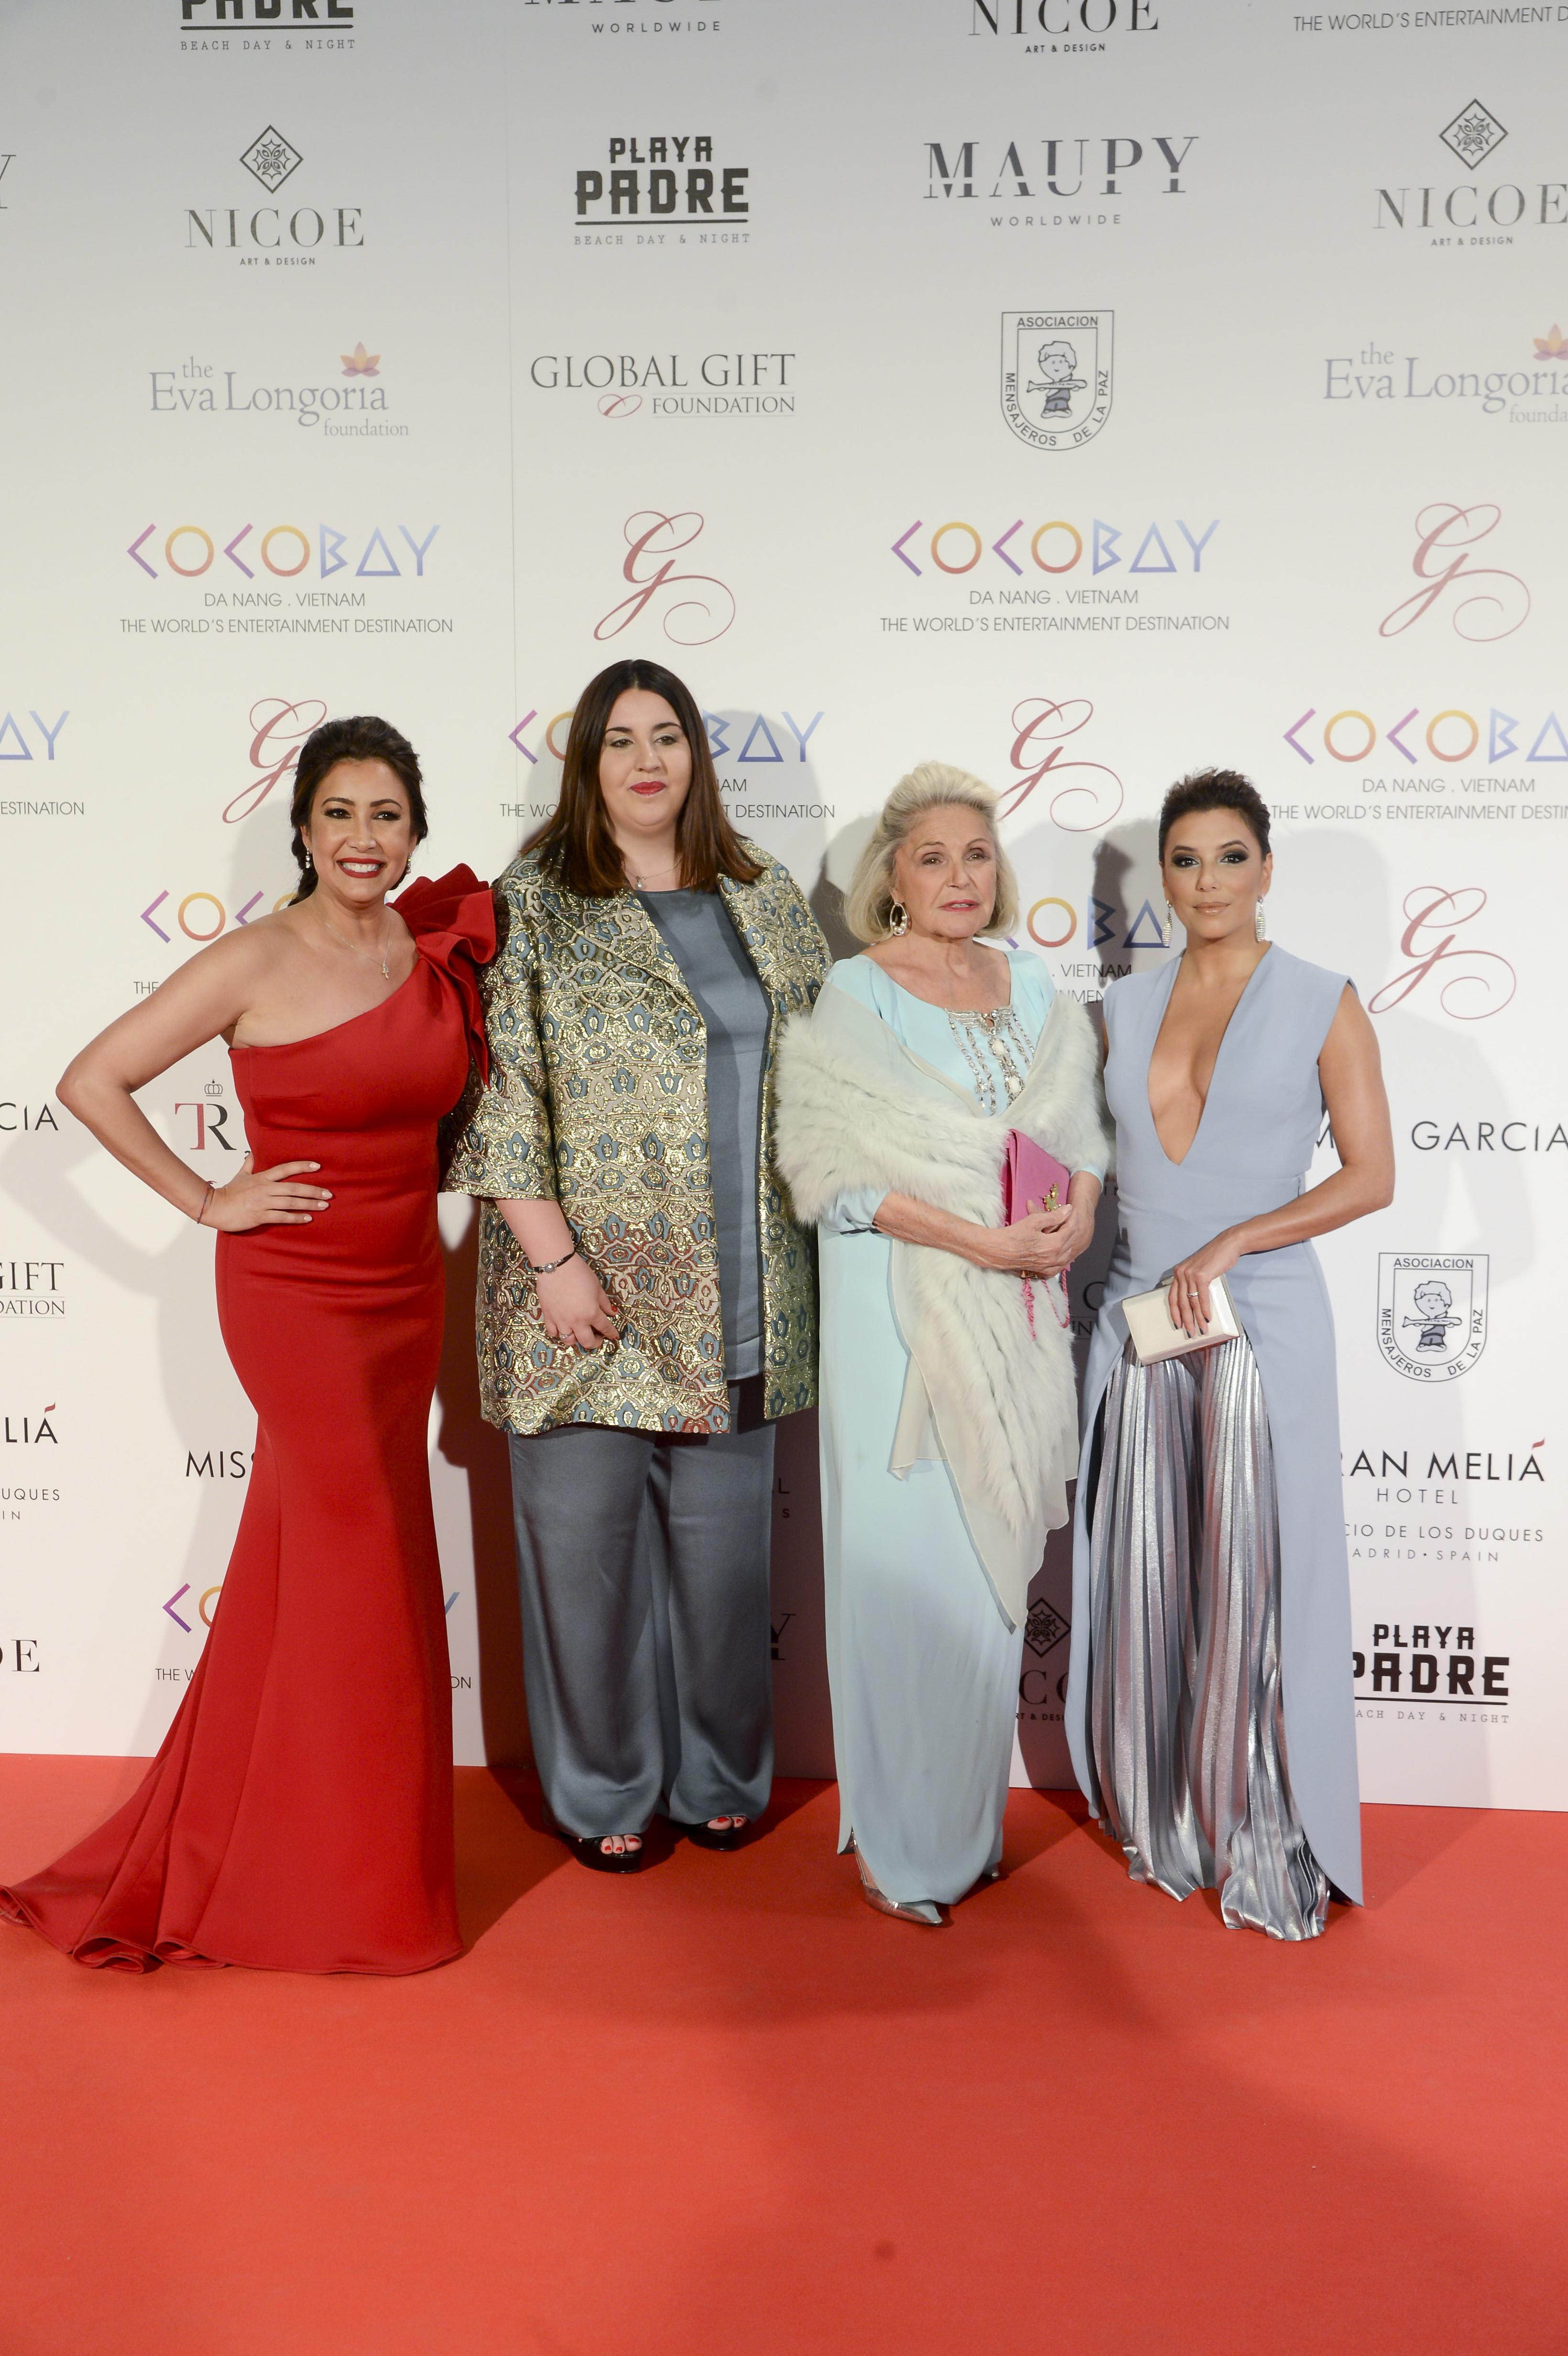 Luxury Spain, colaborador oficial de la Global Gift Gala 2017